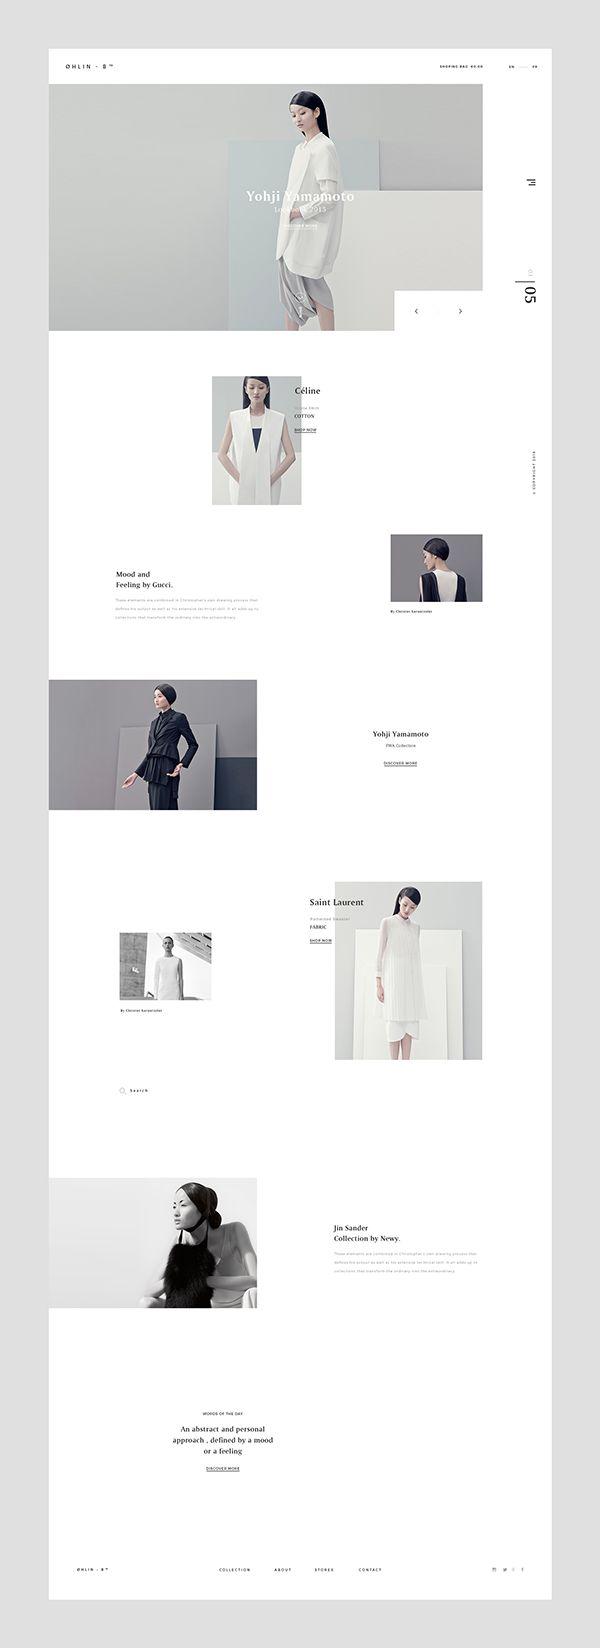 ØHLIN - B on Web Design Served